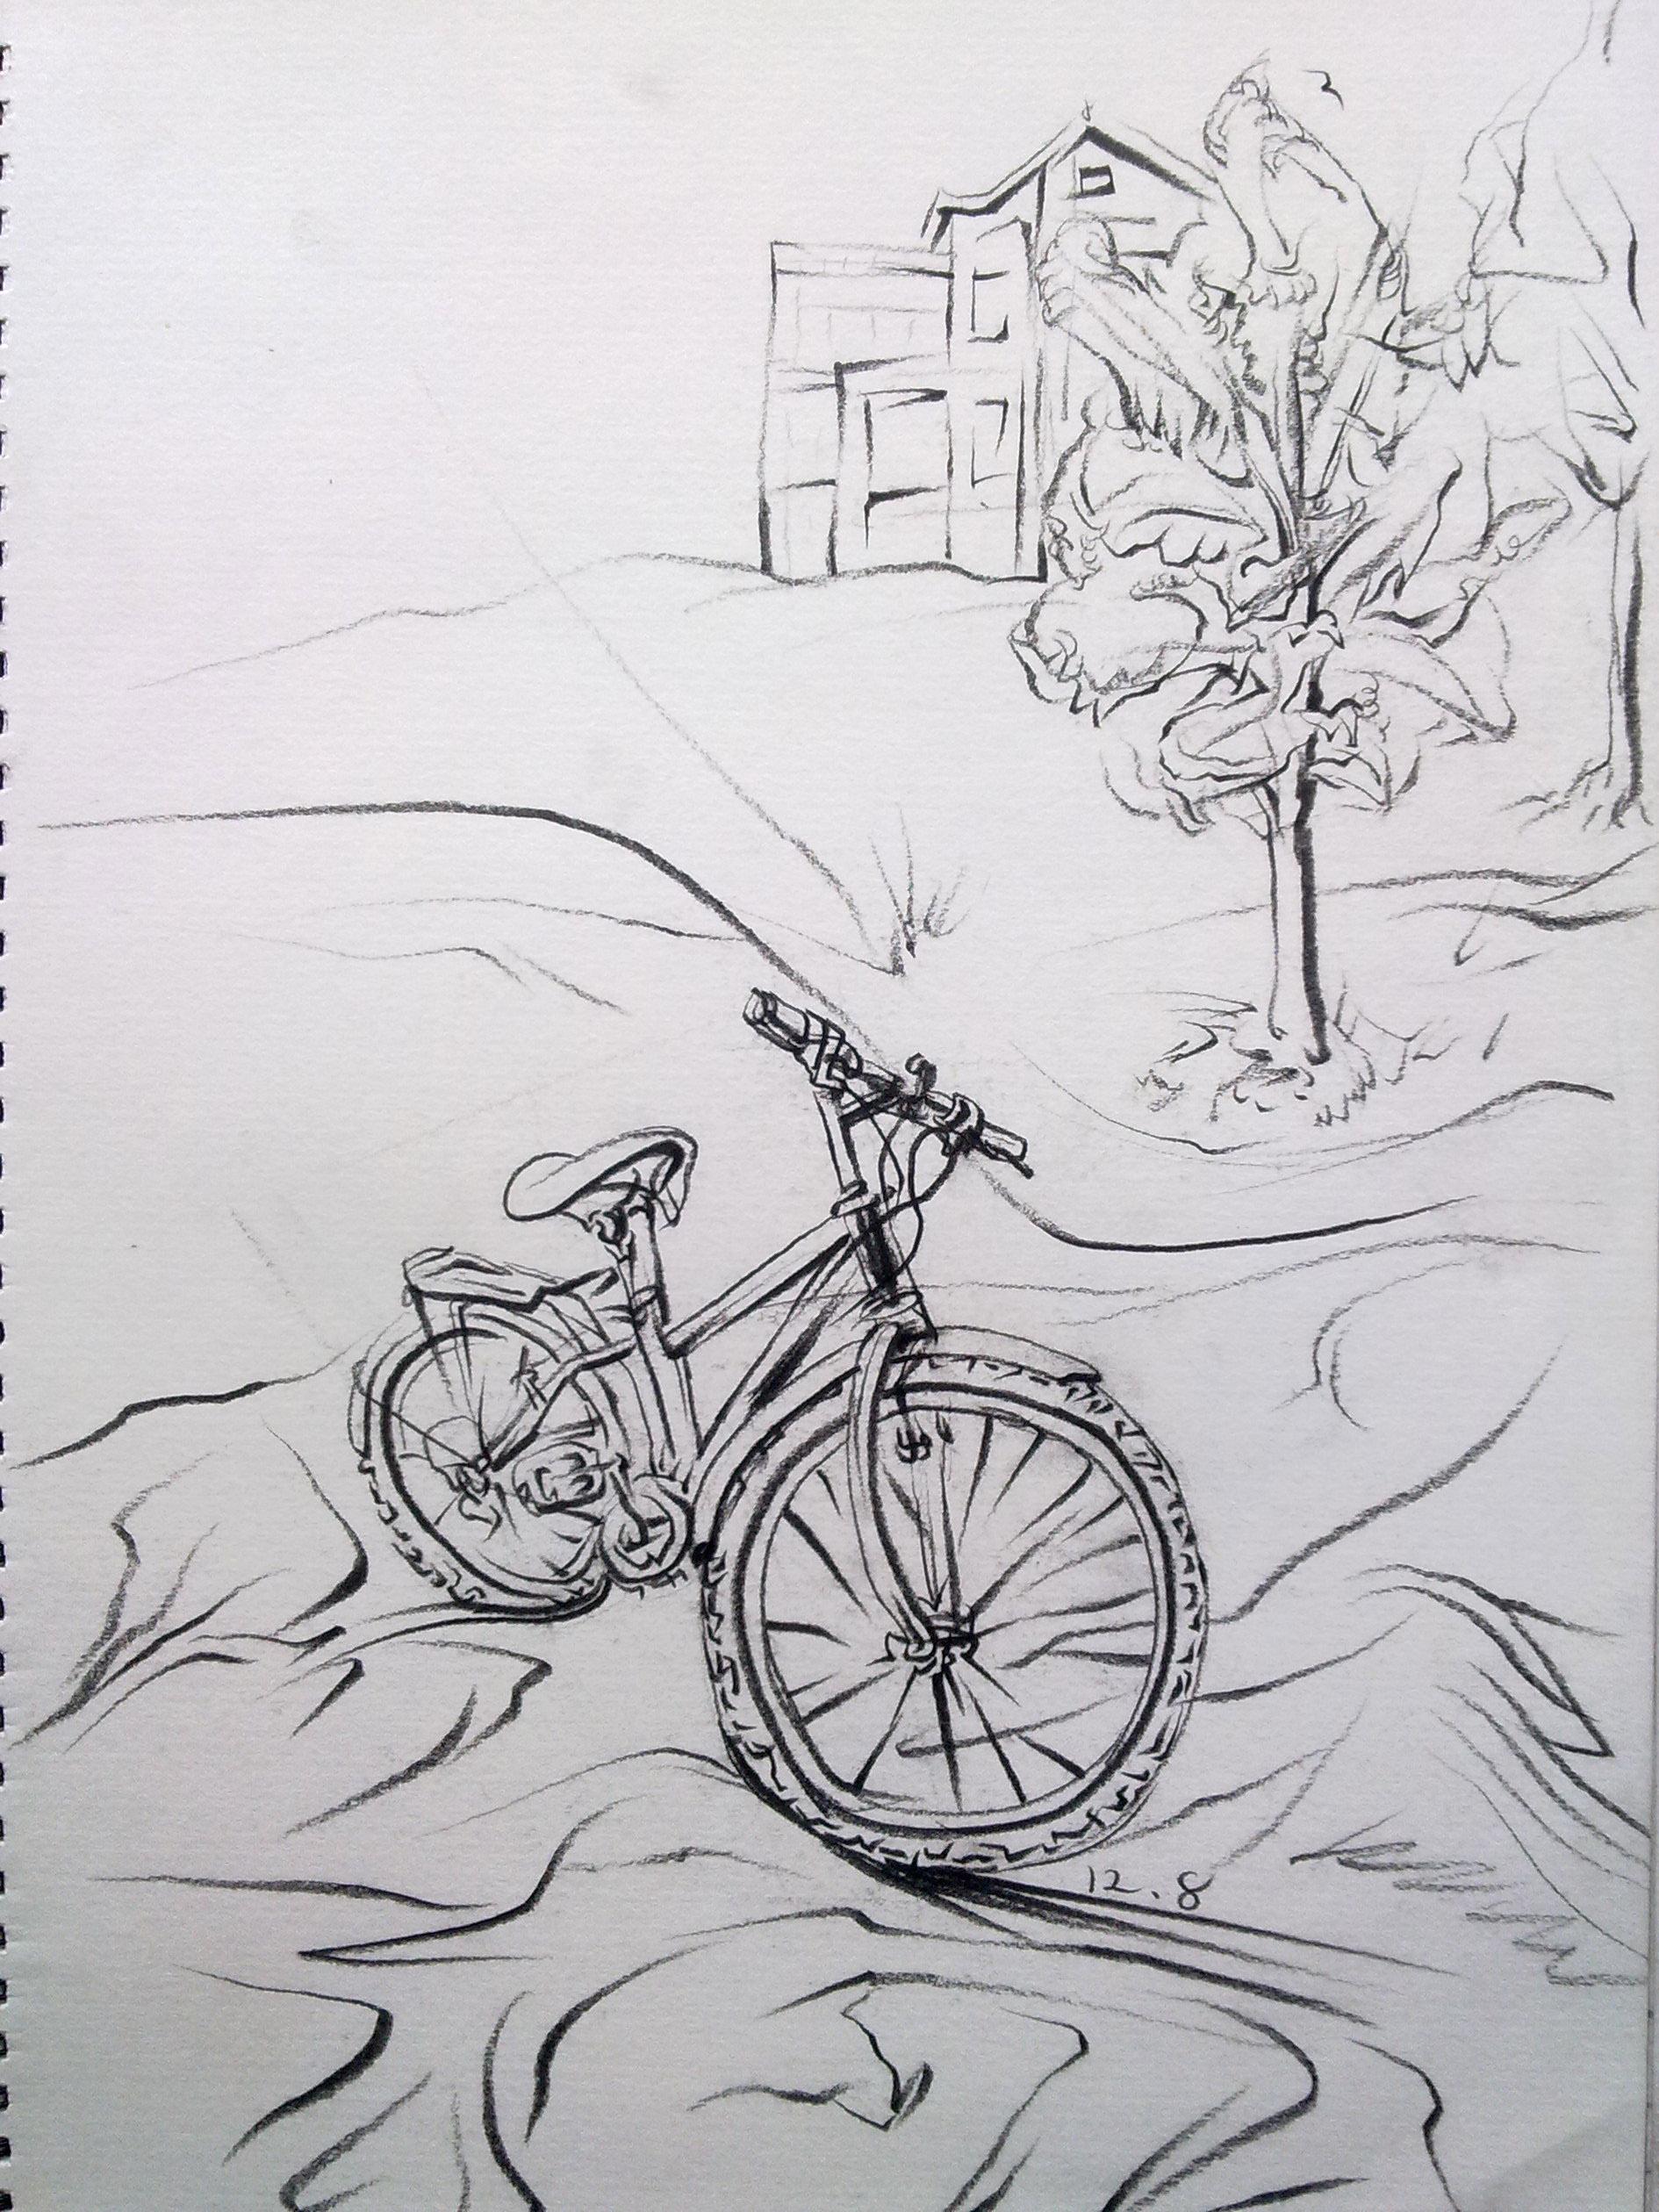 简笔画 手绘 素描 线稿 1890_2520 竖版 竖屏